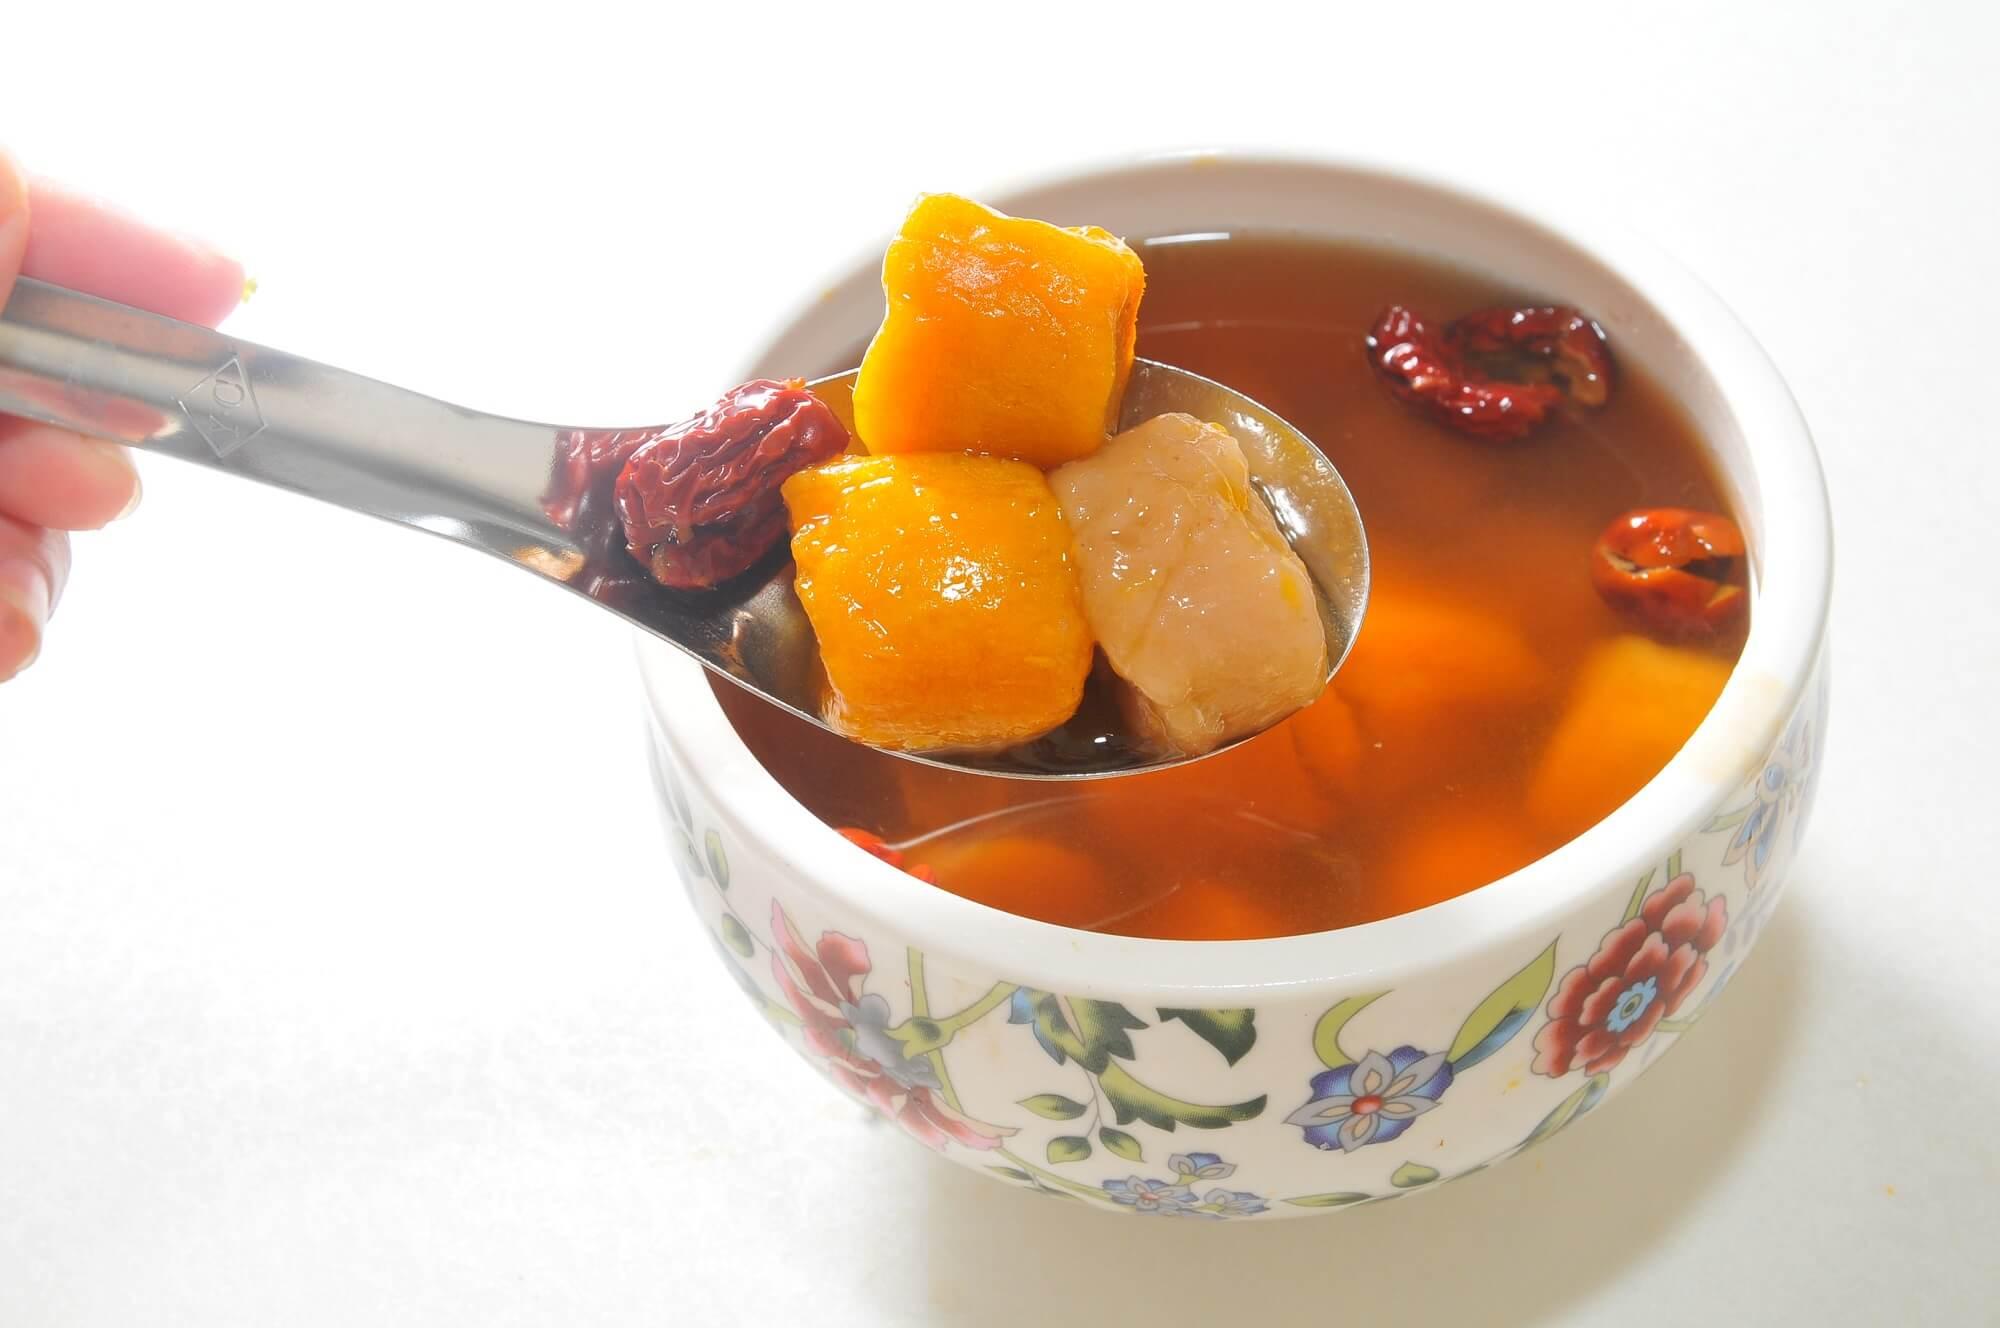 桂圓湯,紅棗桂圓湯,紅棗湯,糖蜜紅棗芋圓蕃薯圓湯,晶巧飲食坊